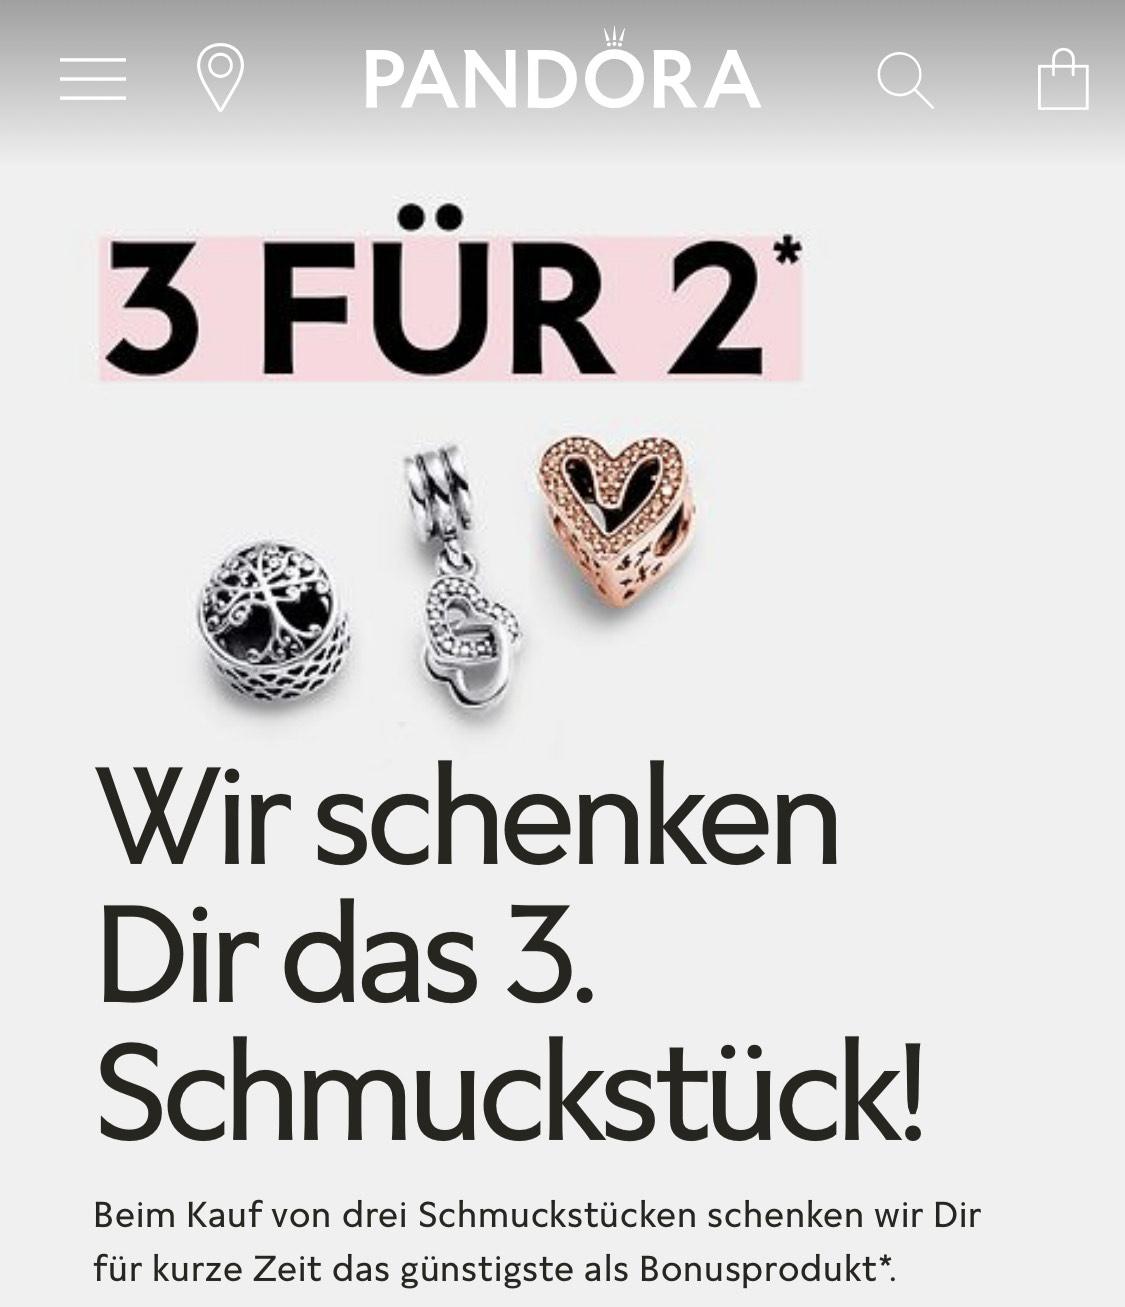 Pandora / Kaufe 3 zahle 2 - günstigstes Produkt geschenkt